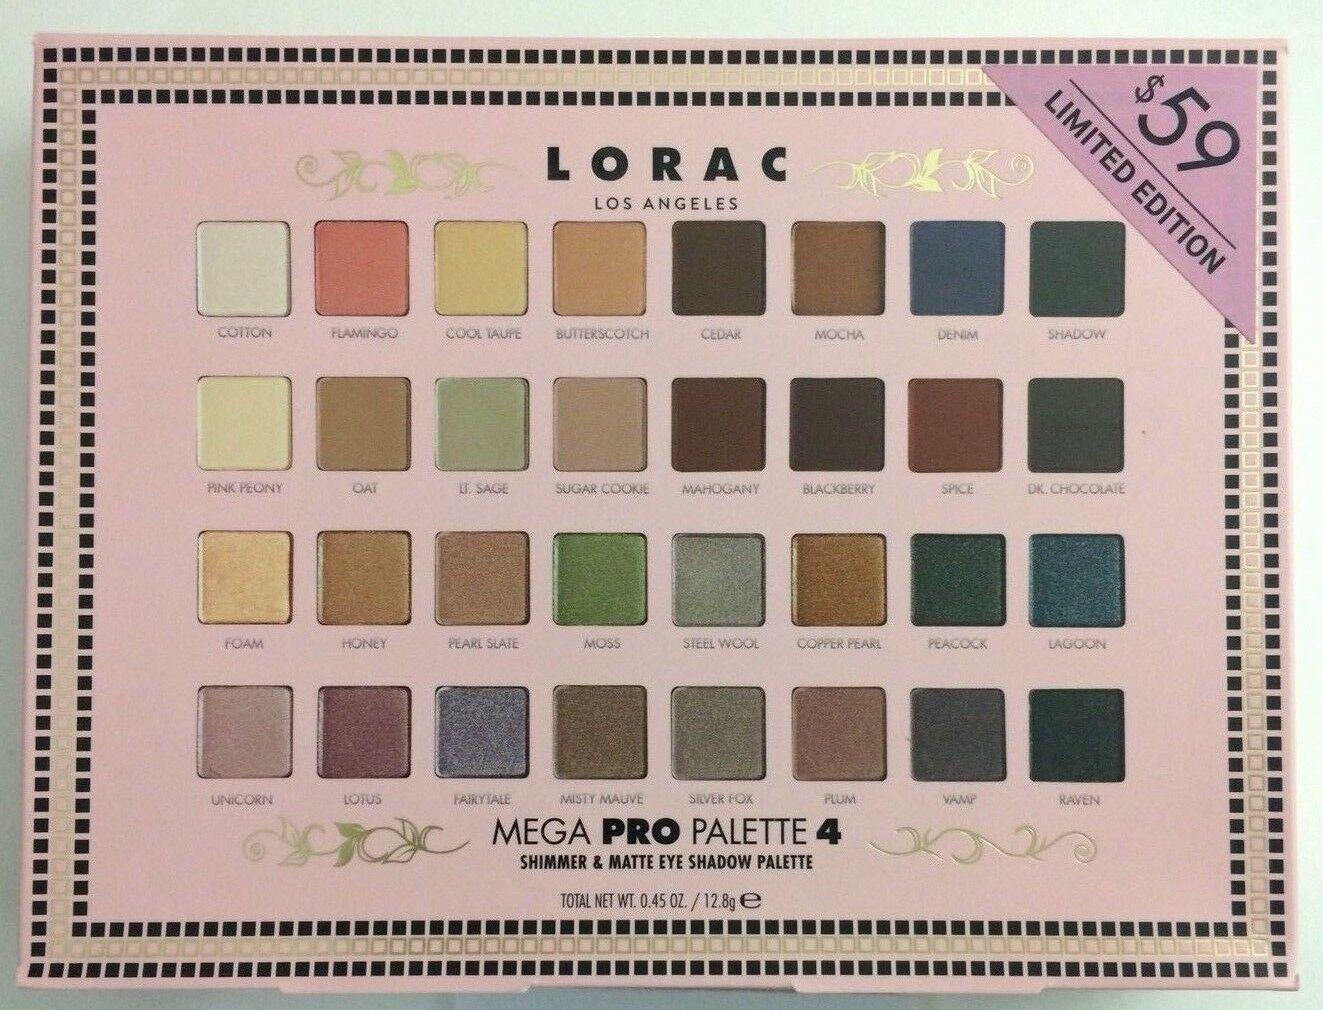 Купить косметику lorac косметика с кипра купить